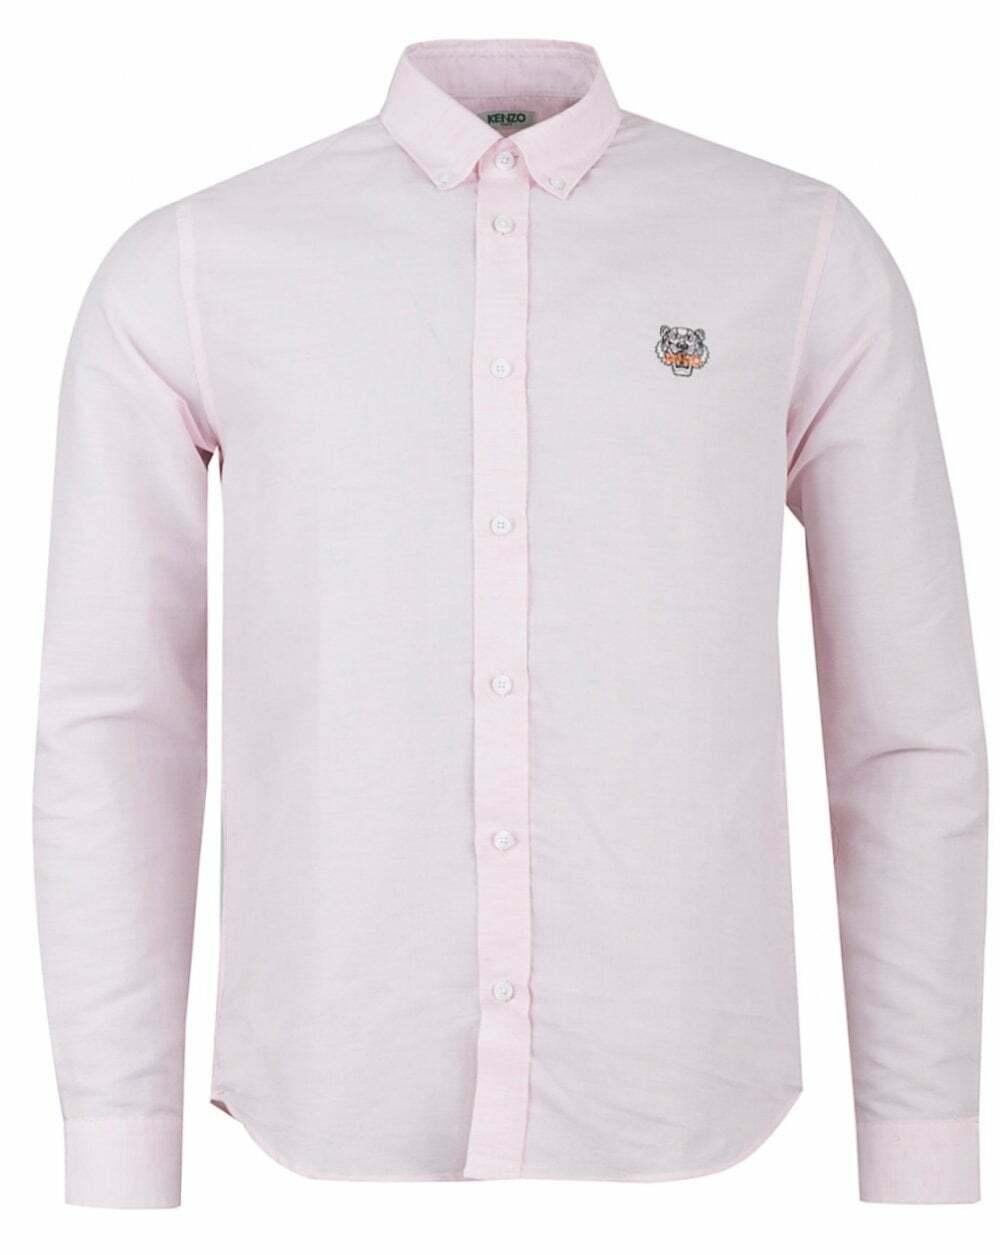 KENZO UOMO TIGRE Crest In Popeline Di Cotone Camicia rosa